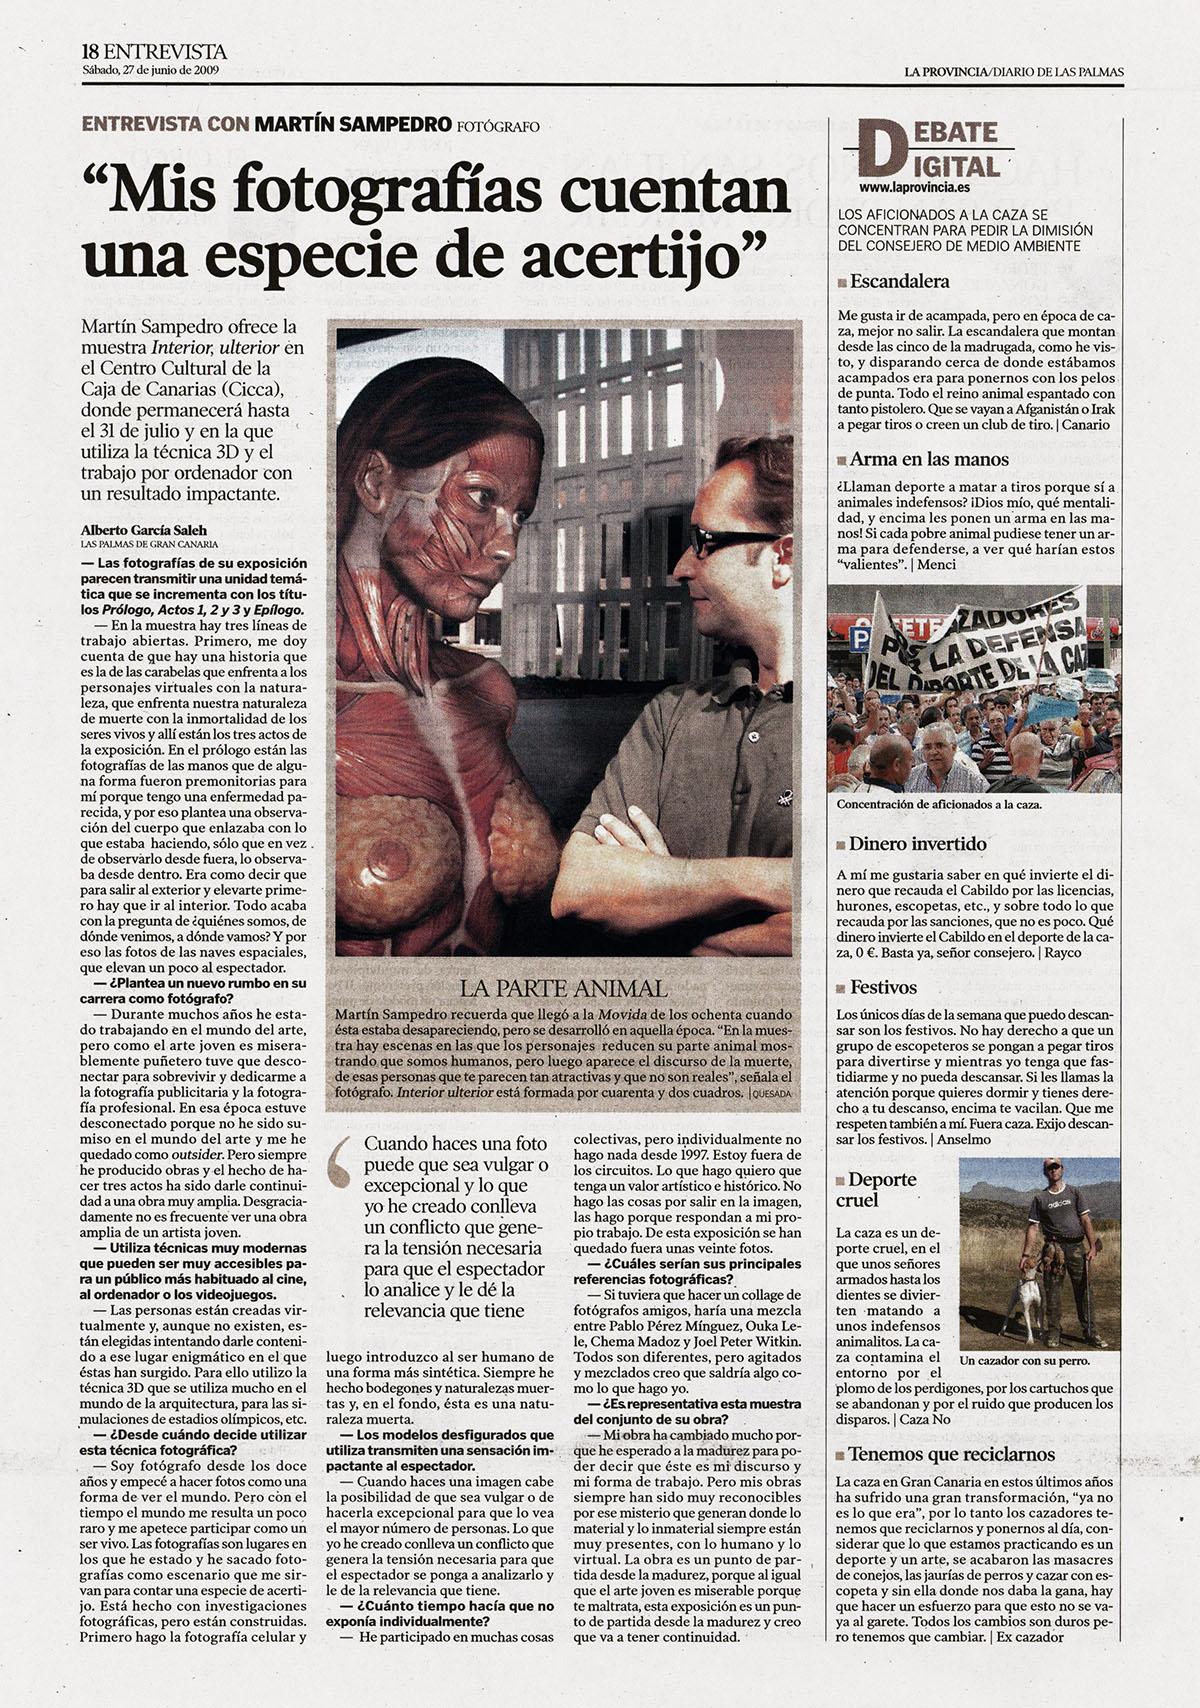 INTERIOR ULTERIOR 2 Martin Sampedro